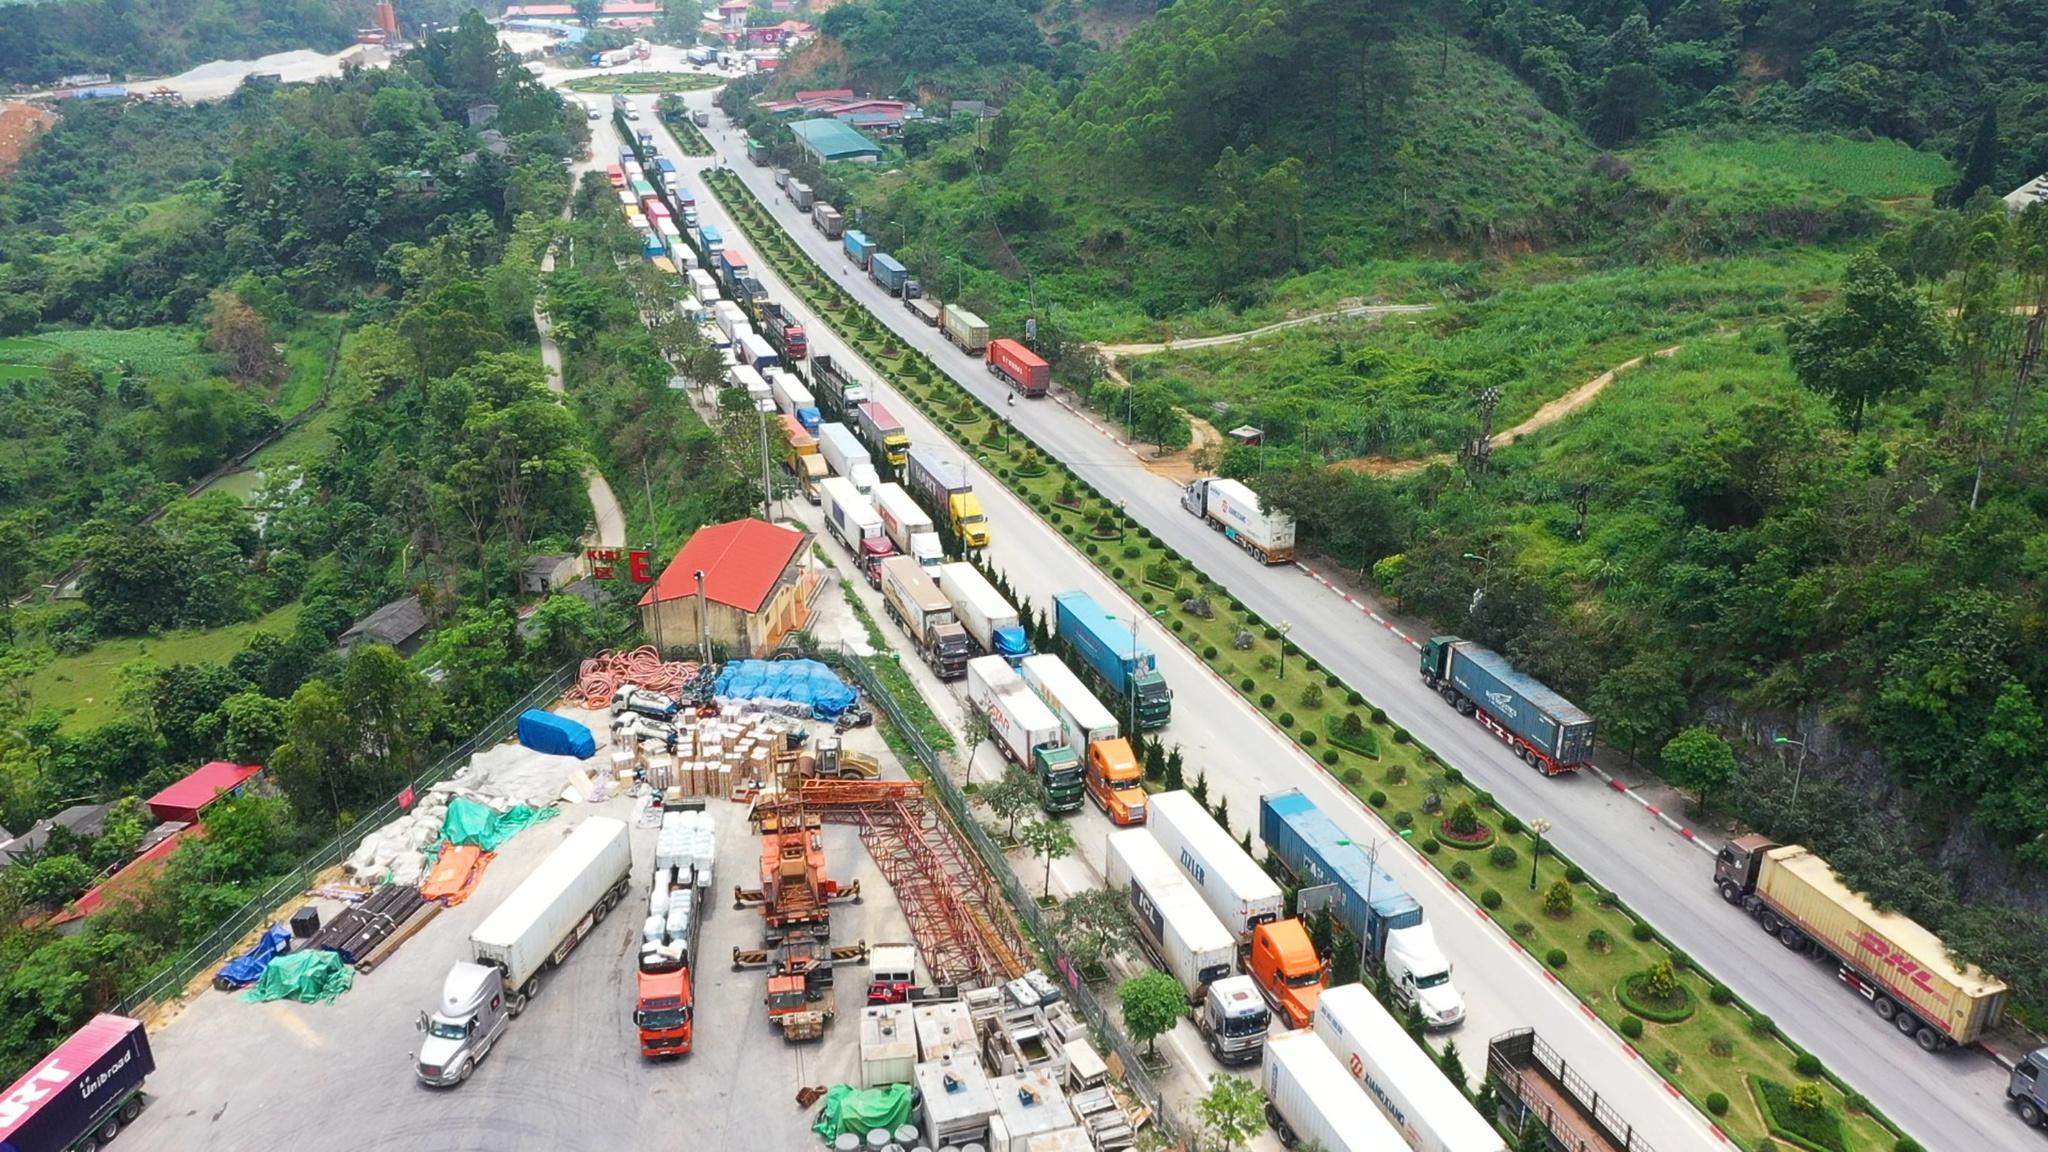 Nông sản Trung Cộng được tăng cường nhập cảng về Việt Nam trong khi hàng nội địa tràn ngập không được bán